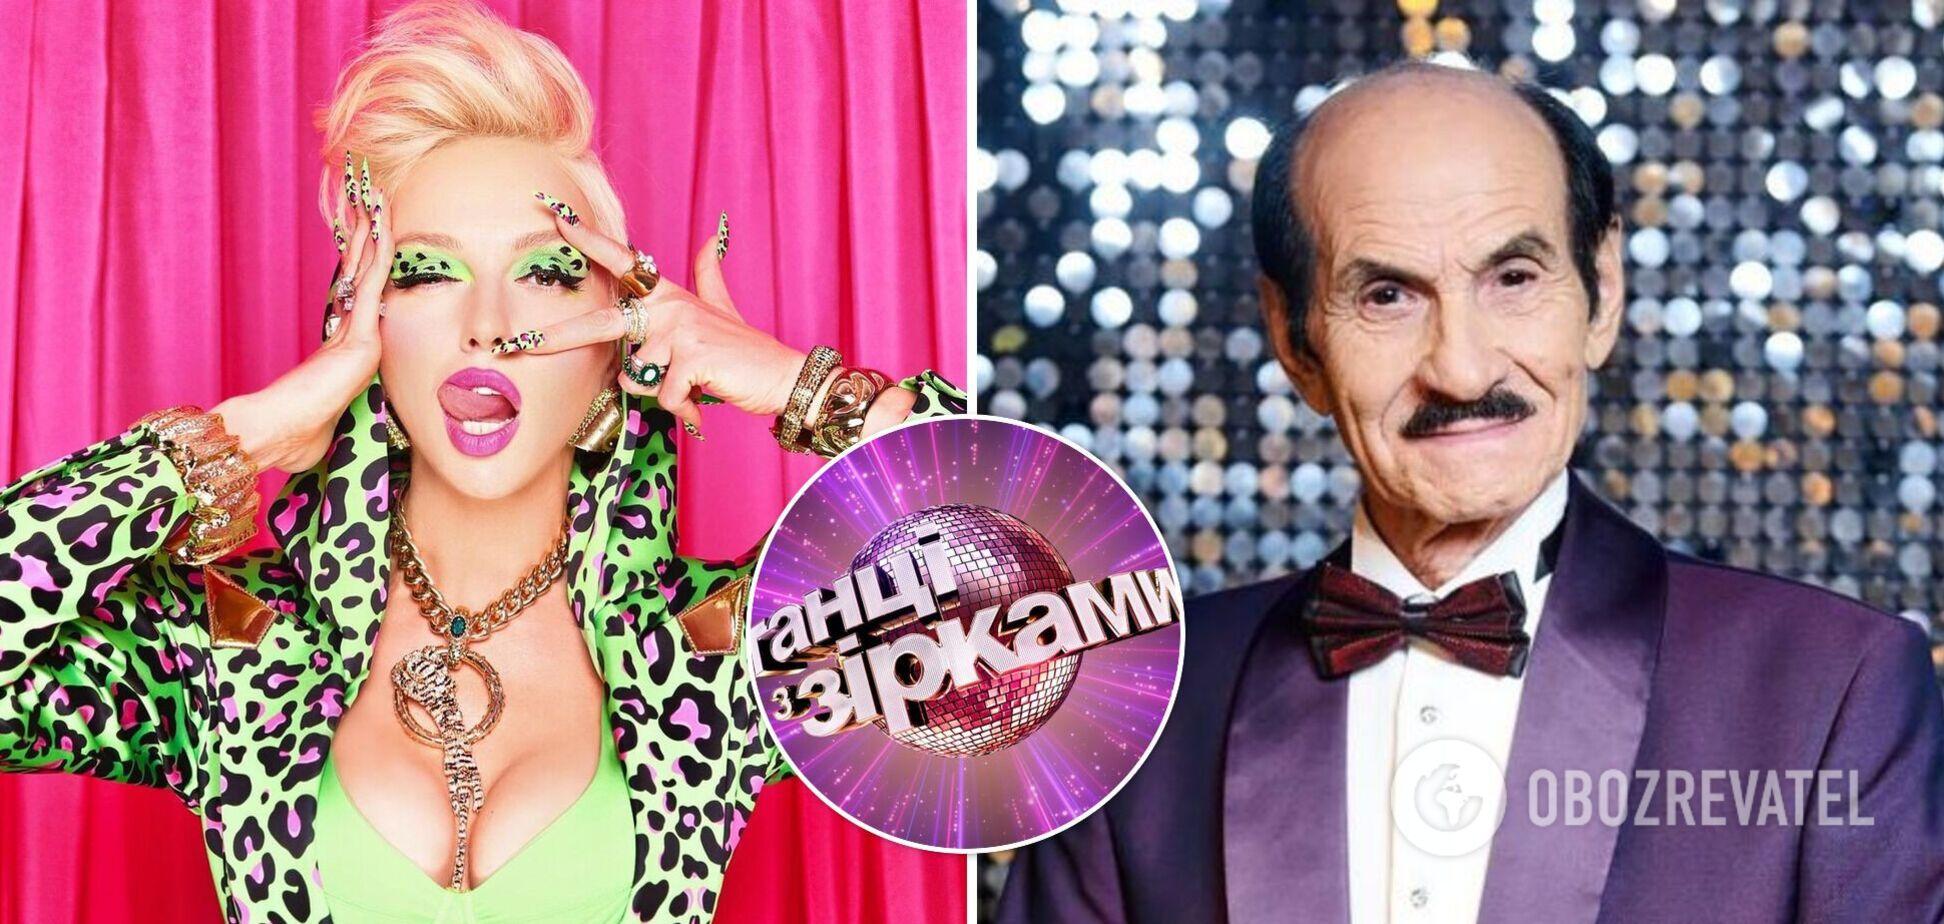 На третьем эфире 'Танців з зірками' 'оживят' легендарного Григория Чапкиса